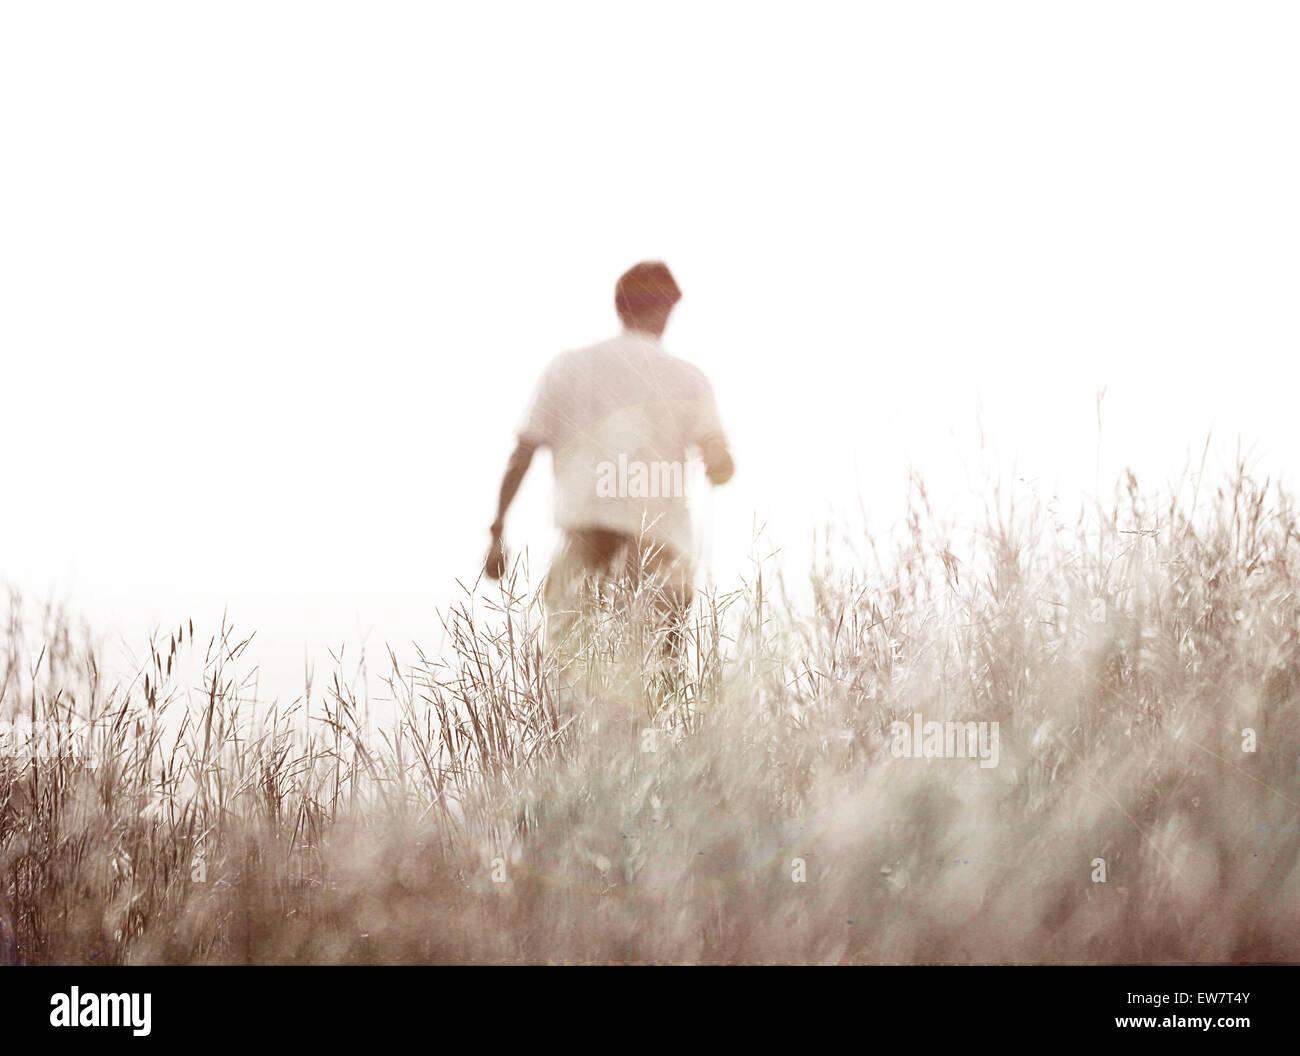 Vue arrière d'un homme dans un champ Photo Stock